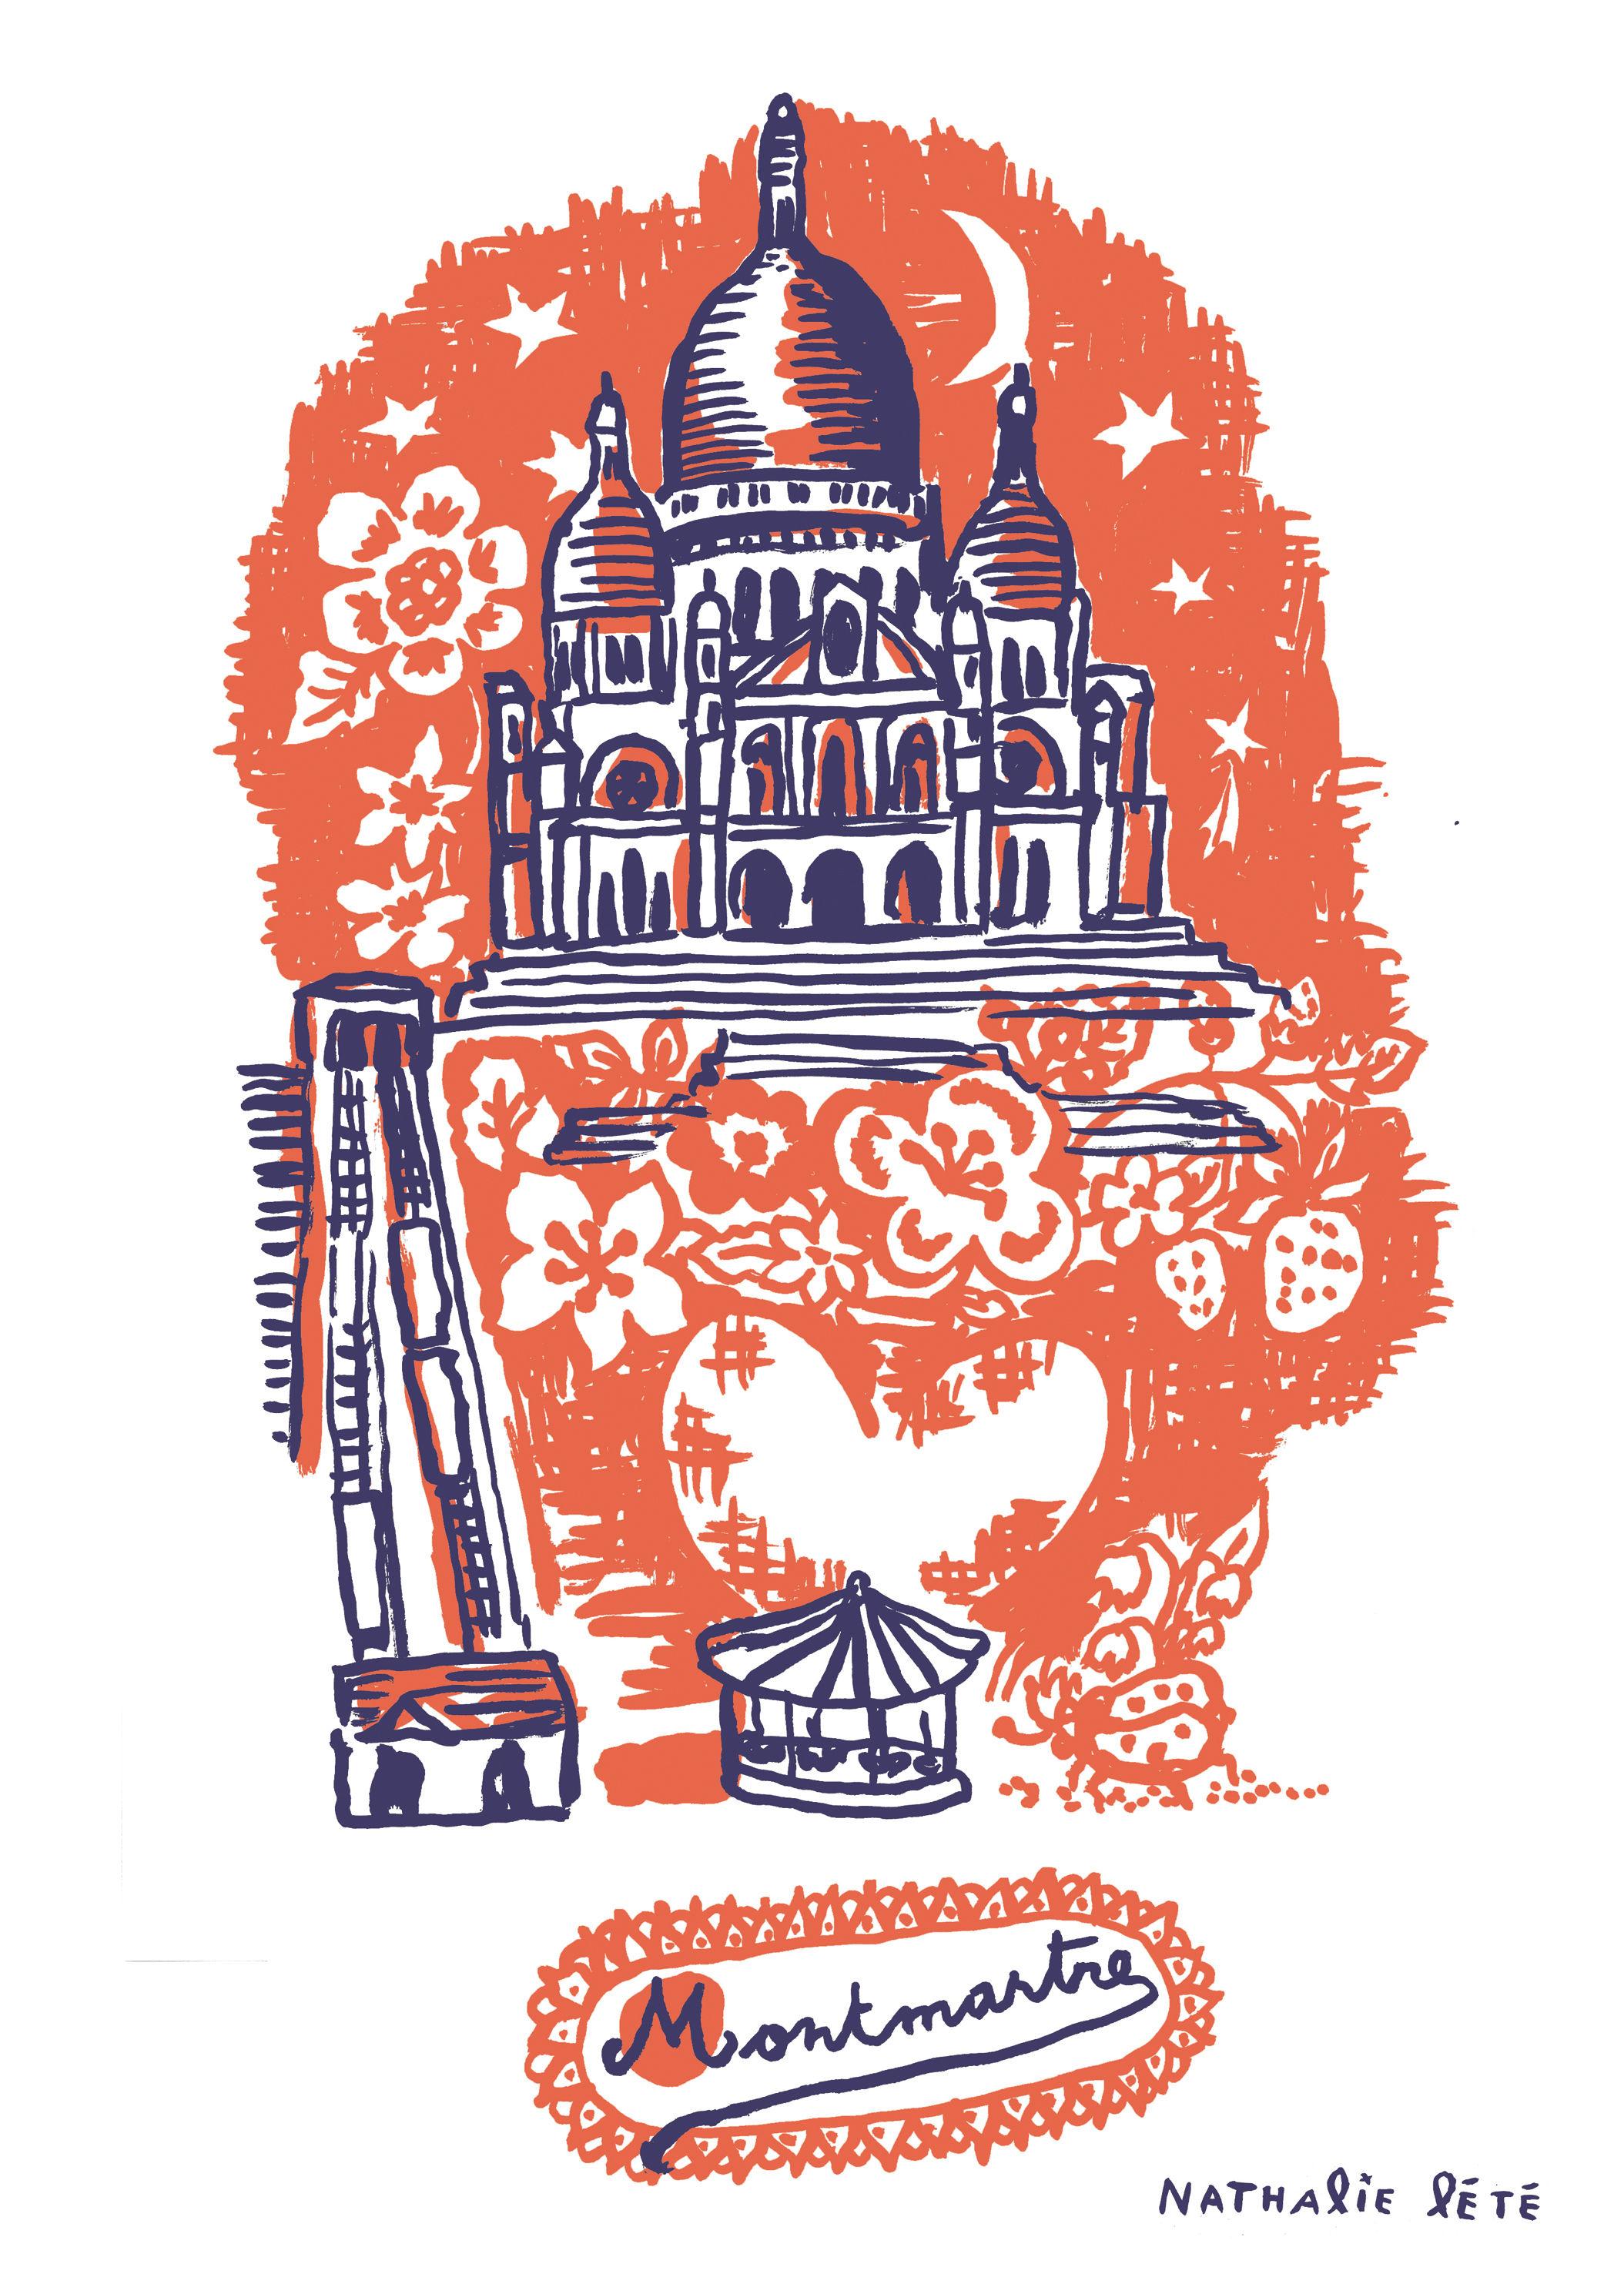 Dekoration - Für Kinder - Montmartre Sticker 25 x 35 cm - Domestic - Orange - Vinyl